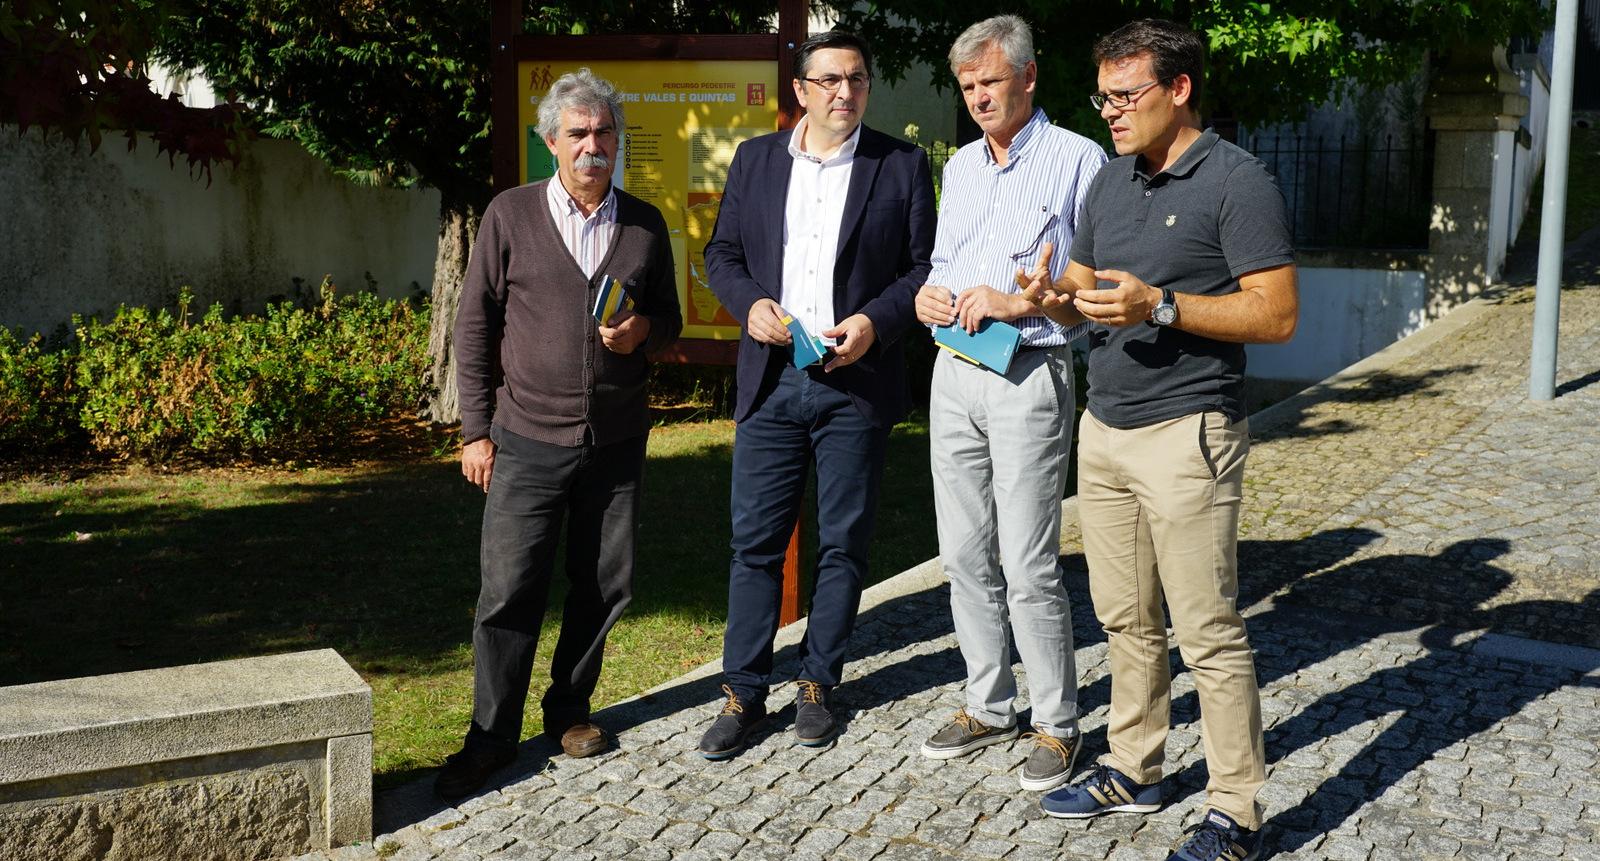 Esposende prolongou Rede de Percursos  Pedestres no Dia Mundial do Turismo